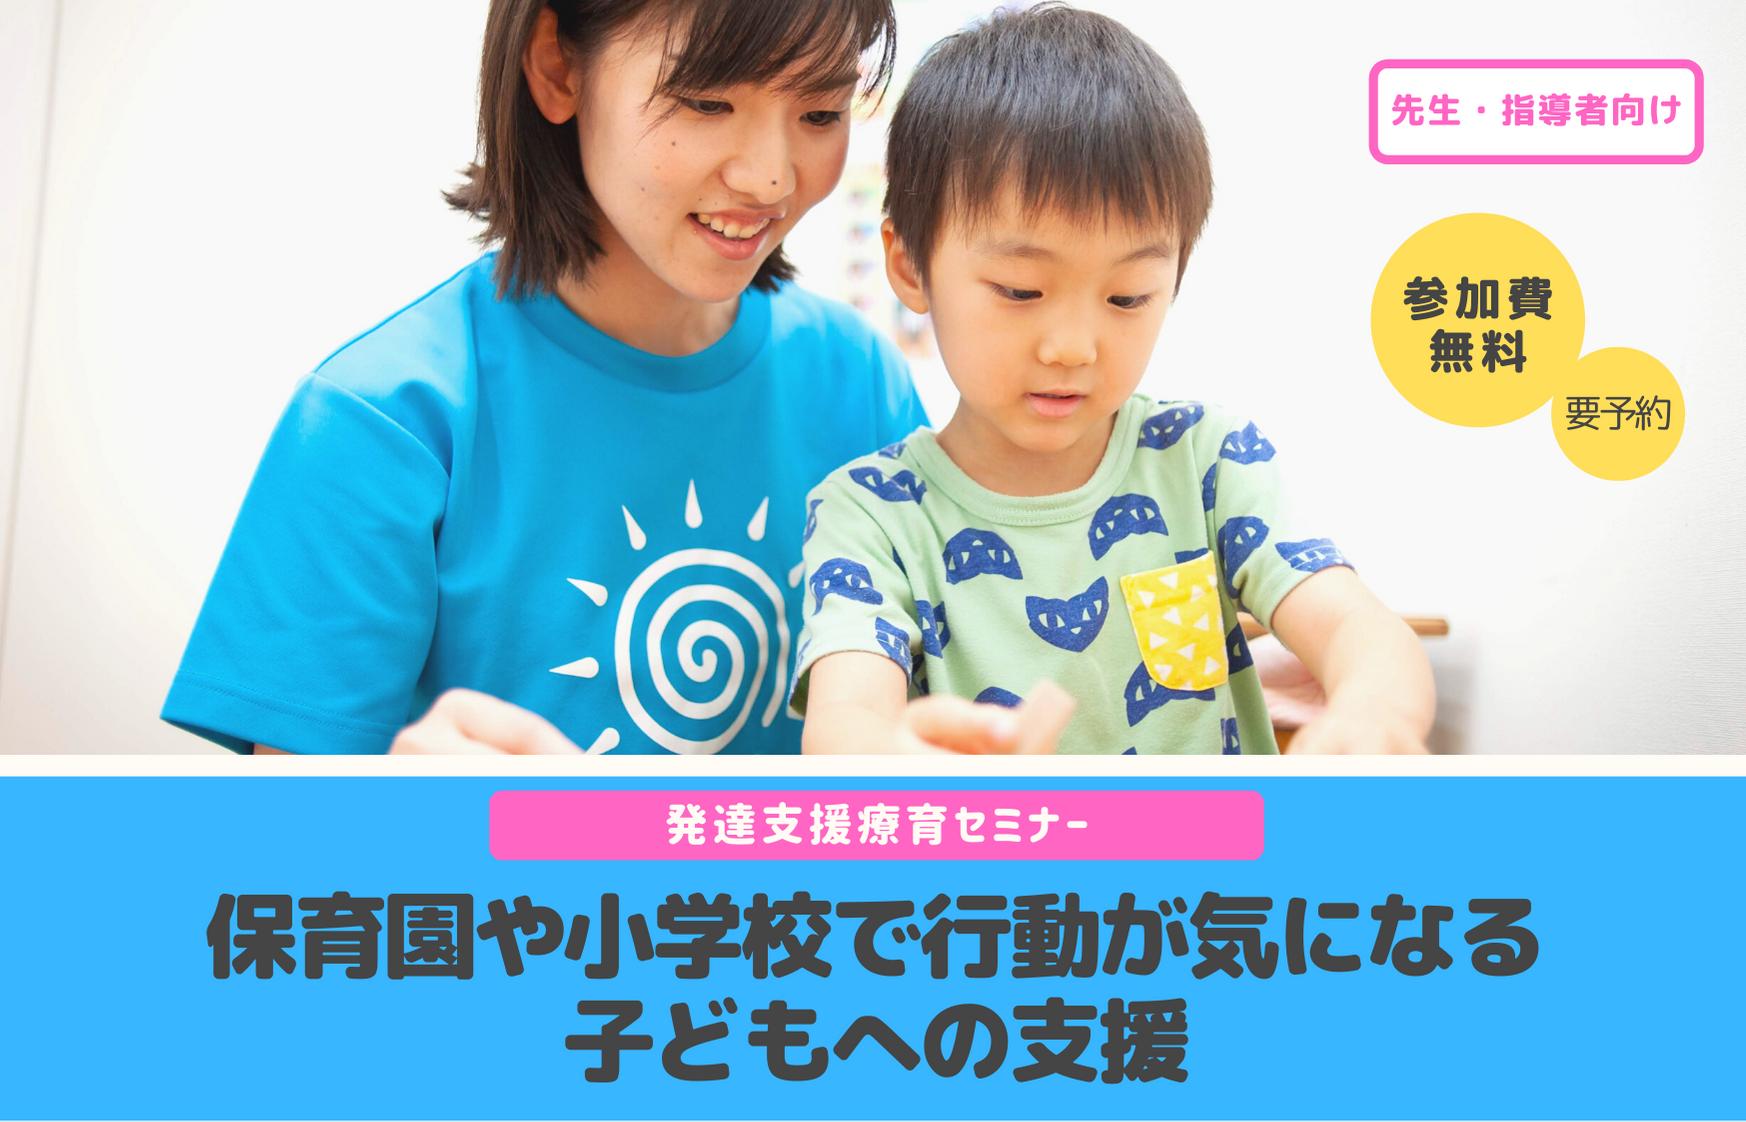 【先生・指導者向けセミナー】保育園や小学校で行動が気になる子どもへの支援